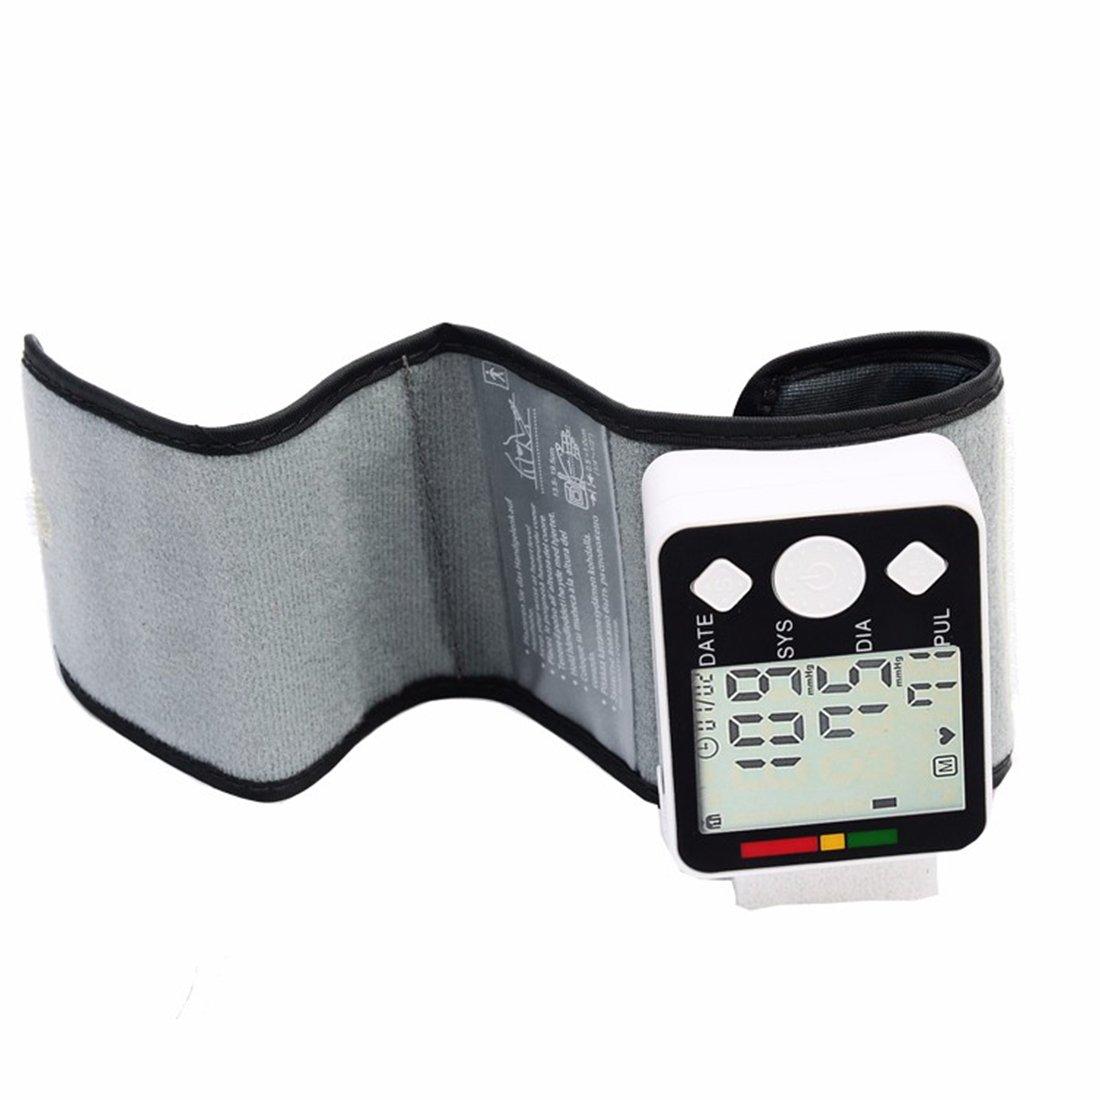 2017 - Medidor digital de muñeca monitor de presión arterial muñeca monitor de presión arterial medición salud tensiómetro automático con fecha ajuste: ...